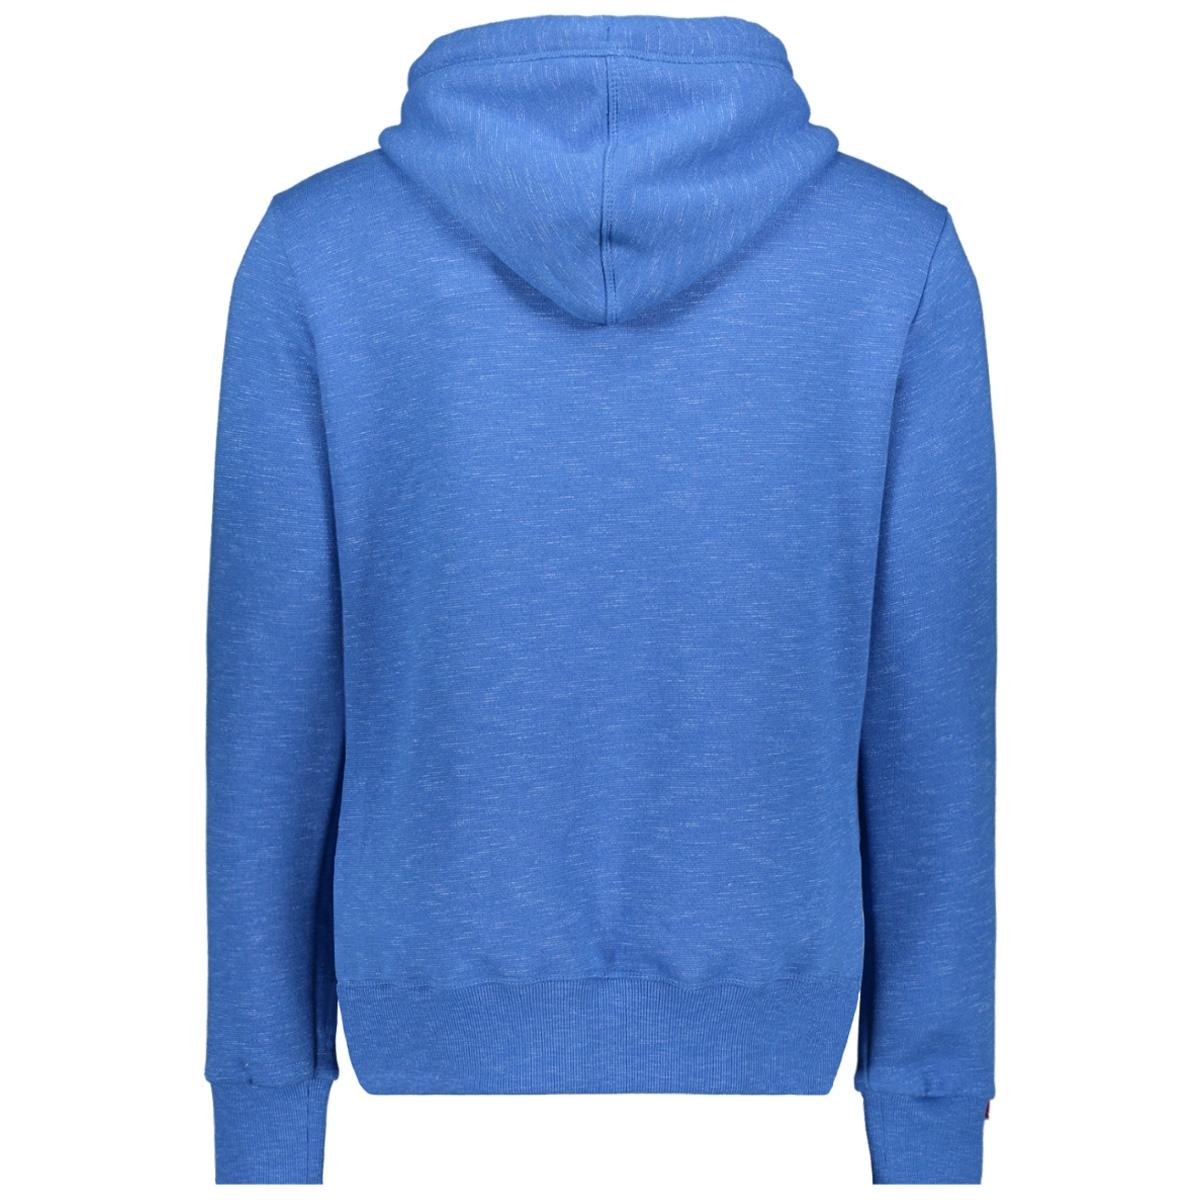 m20102at cali ziphood superdry vest royal blue feeder